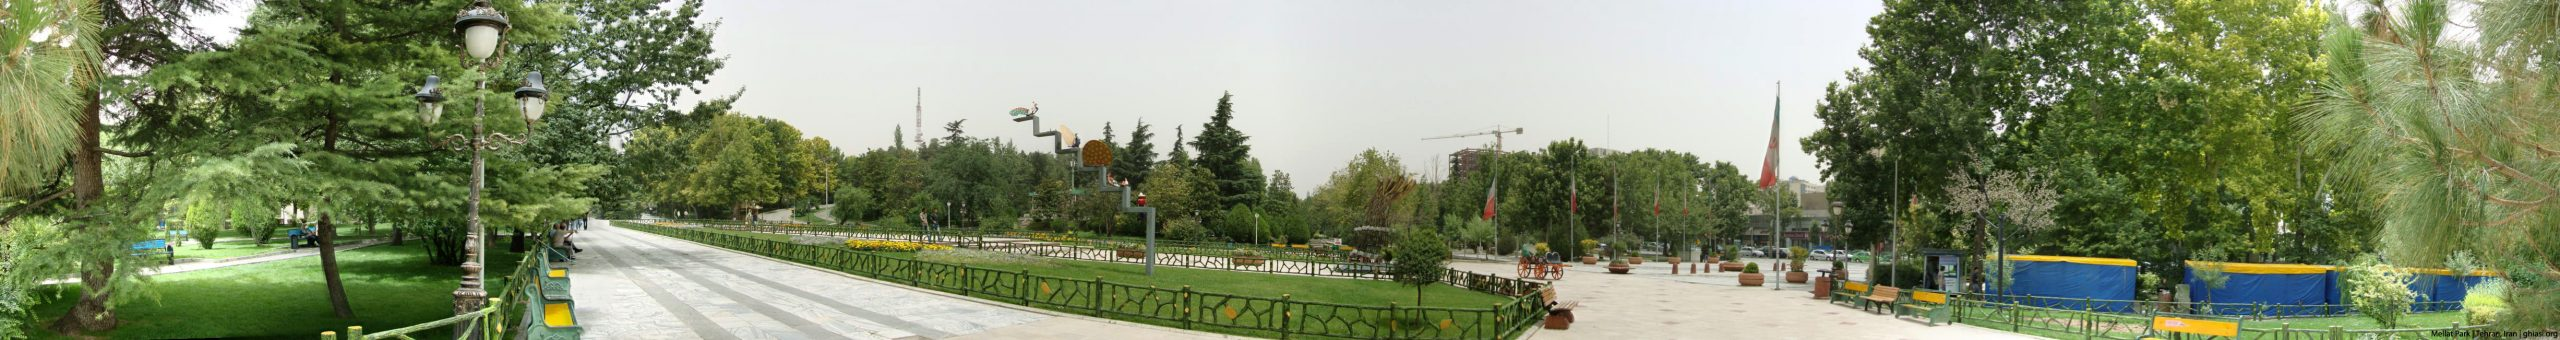 Mellat_Park_Tehran